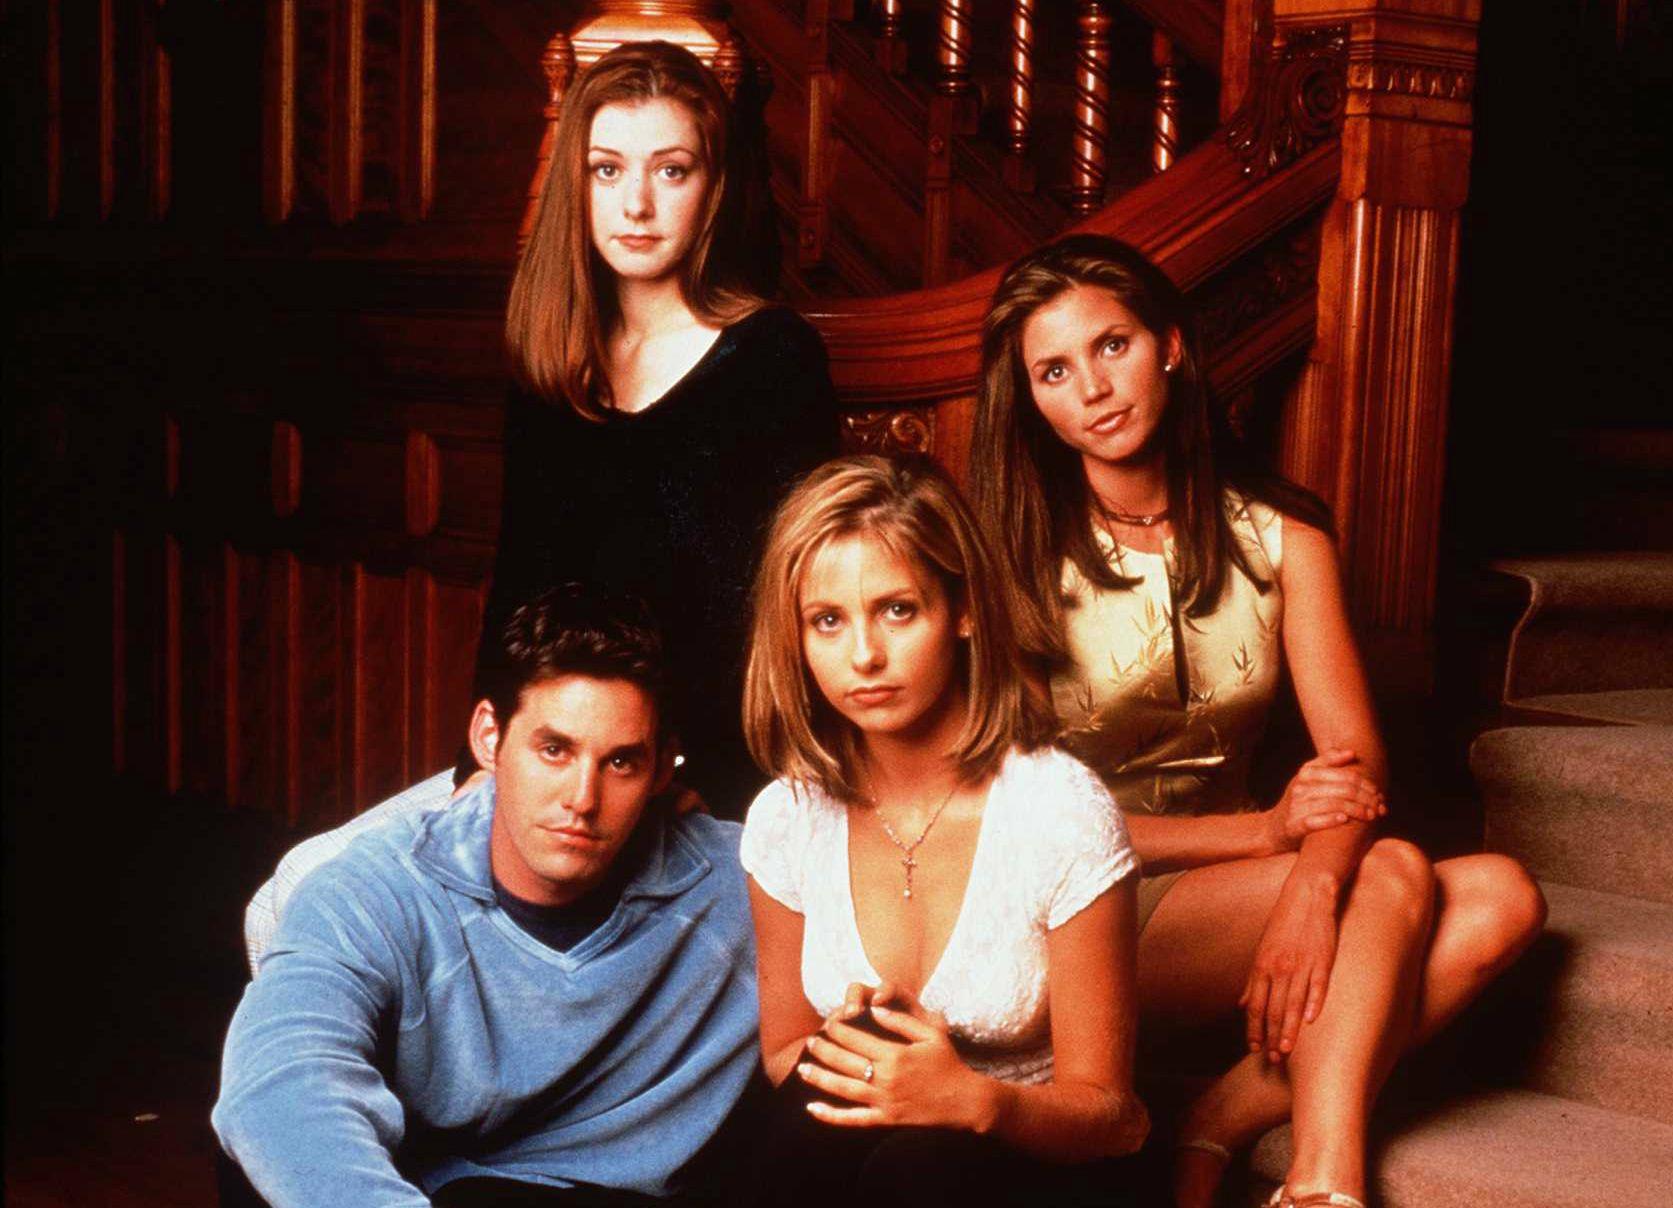 Slayer Girl Wallpaper Buffy The Vampire Slayer Turns 20 Charisma Carpenter On